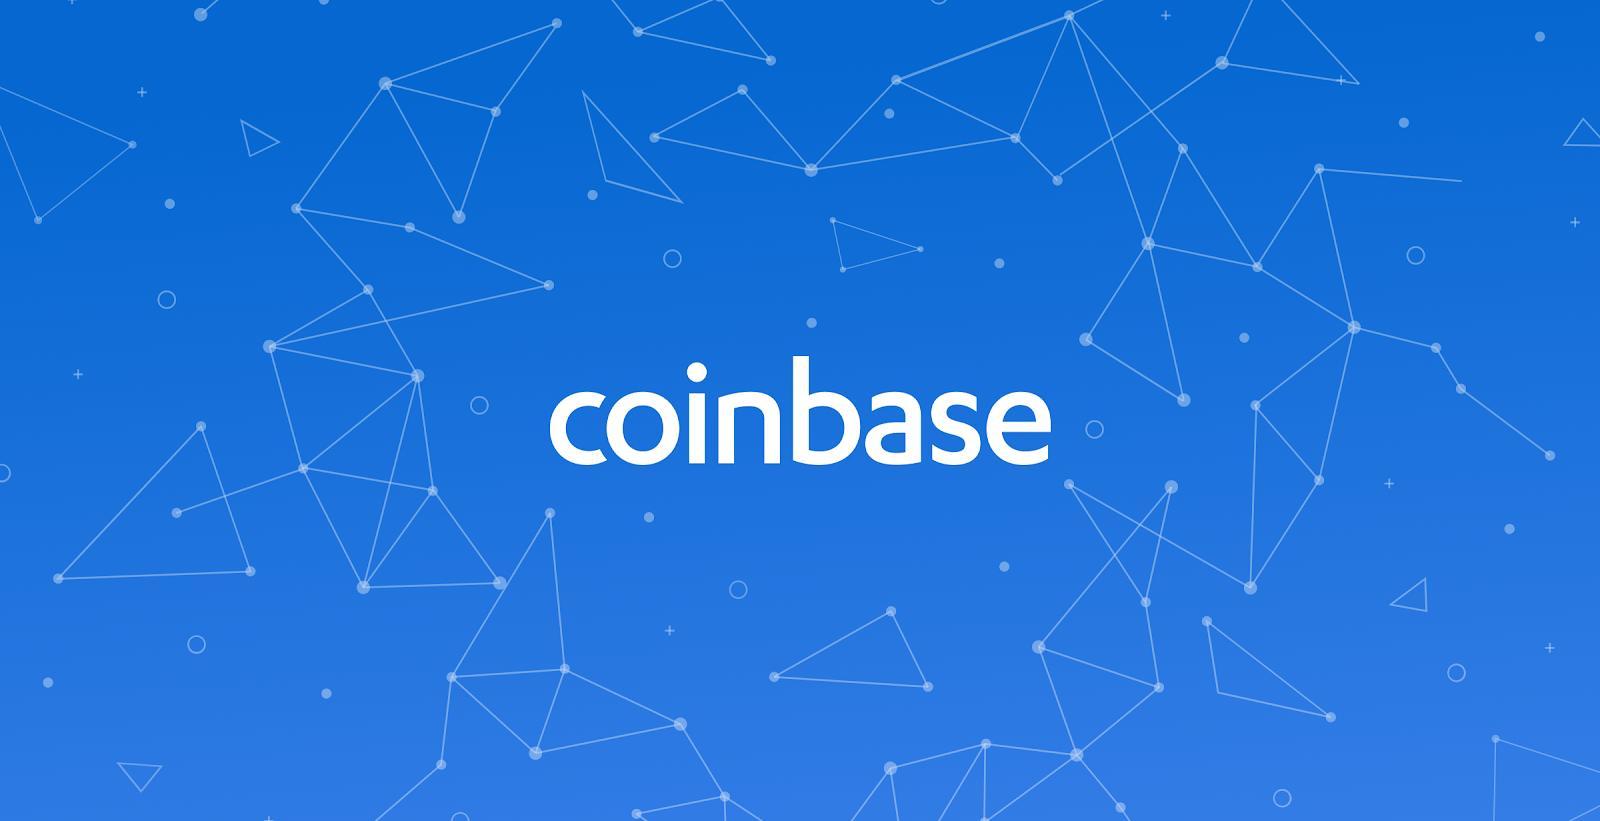 Coinbase ti consente di pagare Amazon e Uber con le criptovalute gestite dalla carta di Wegift - Coinbase ti consente di pagare Amazon e Uber con le criptovalute gestite dalla carta di Wegift